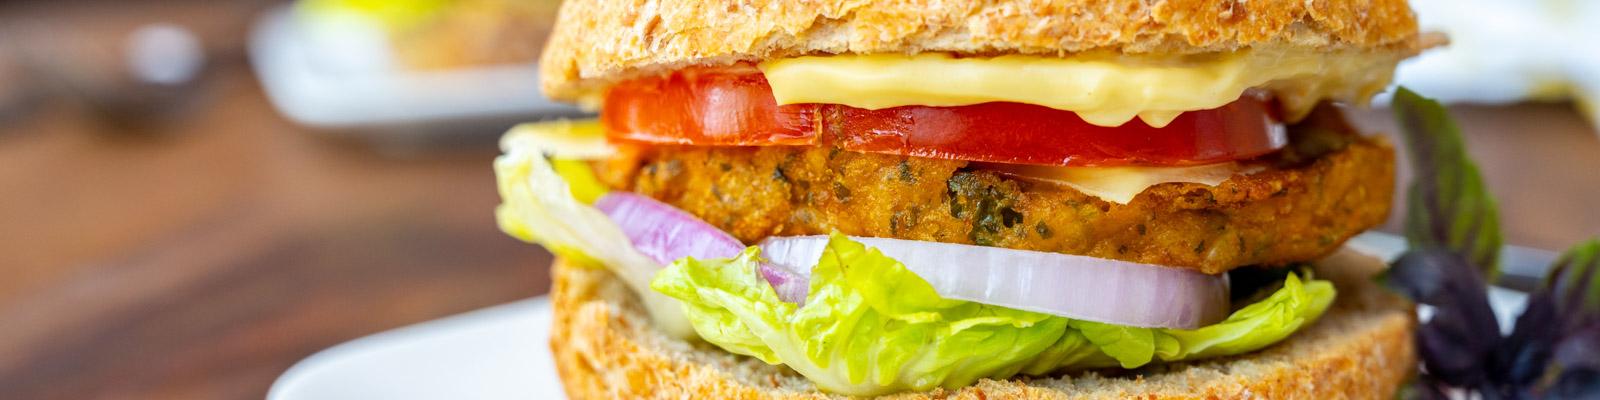 1600x400_Recipe_Marvelous_Veggie_Burger.jpg